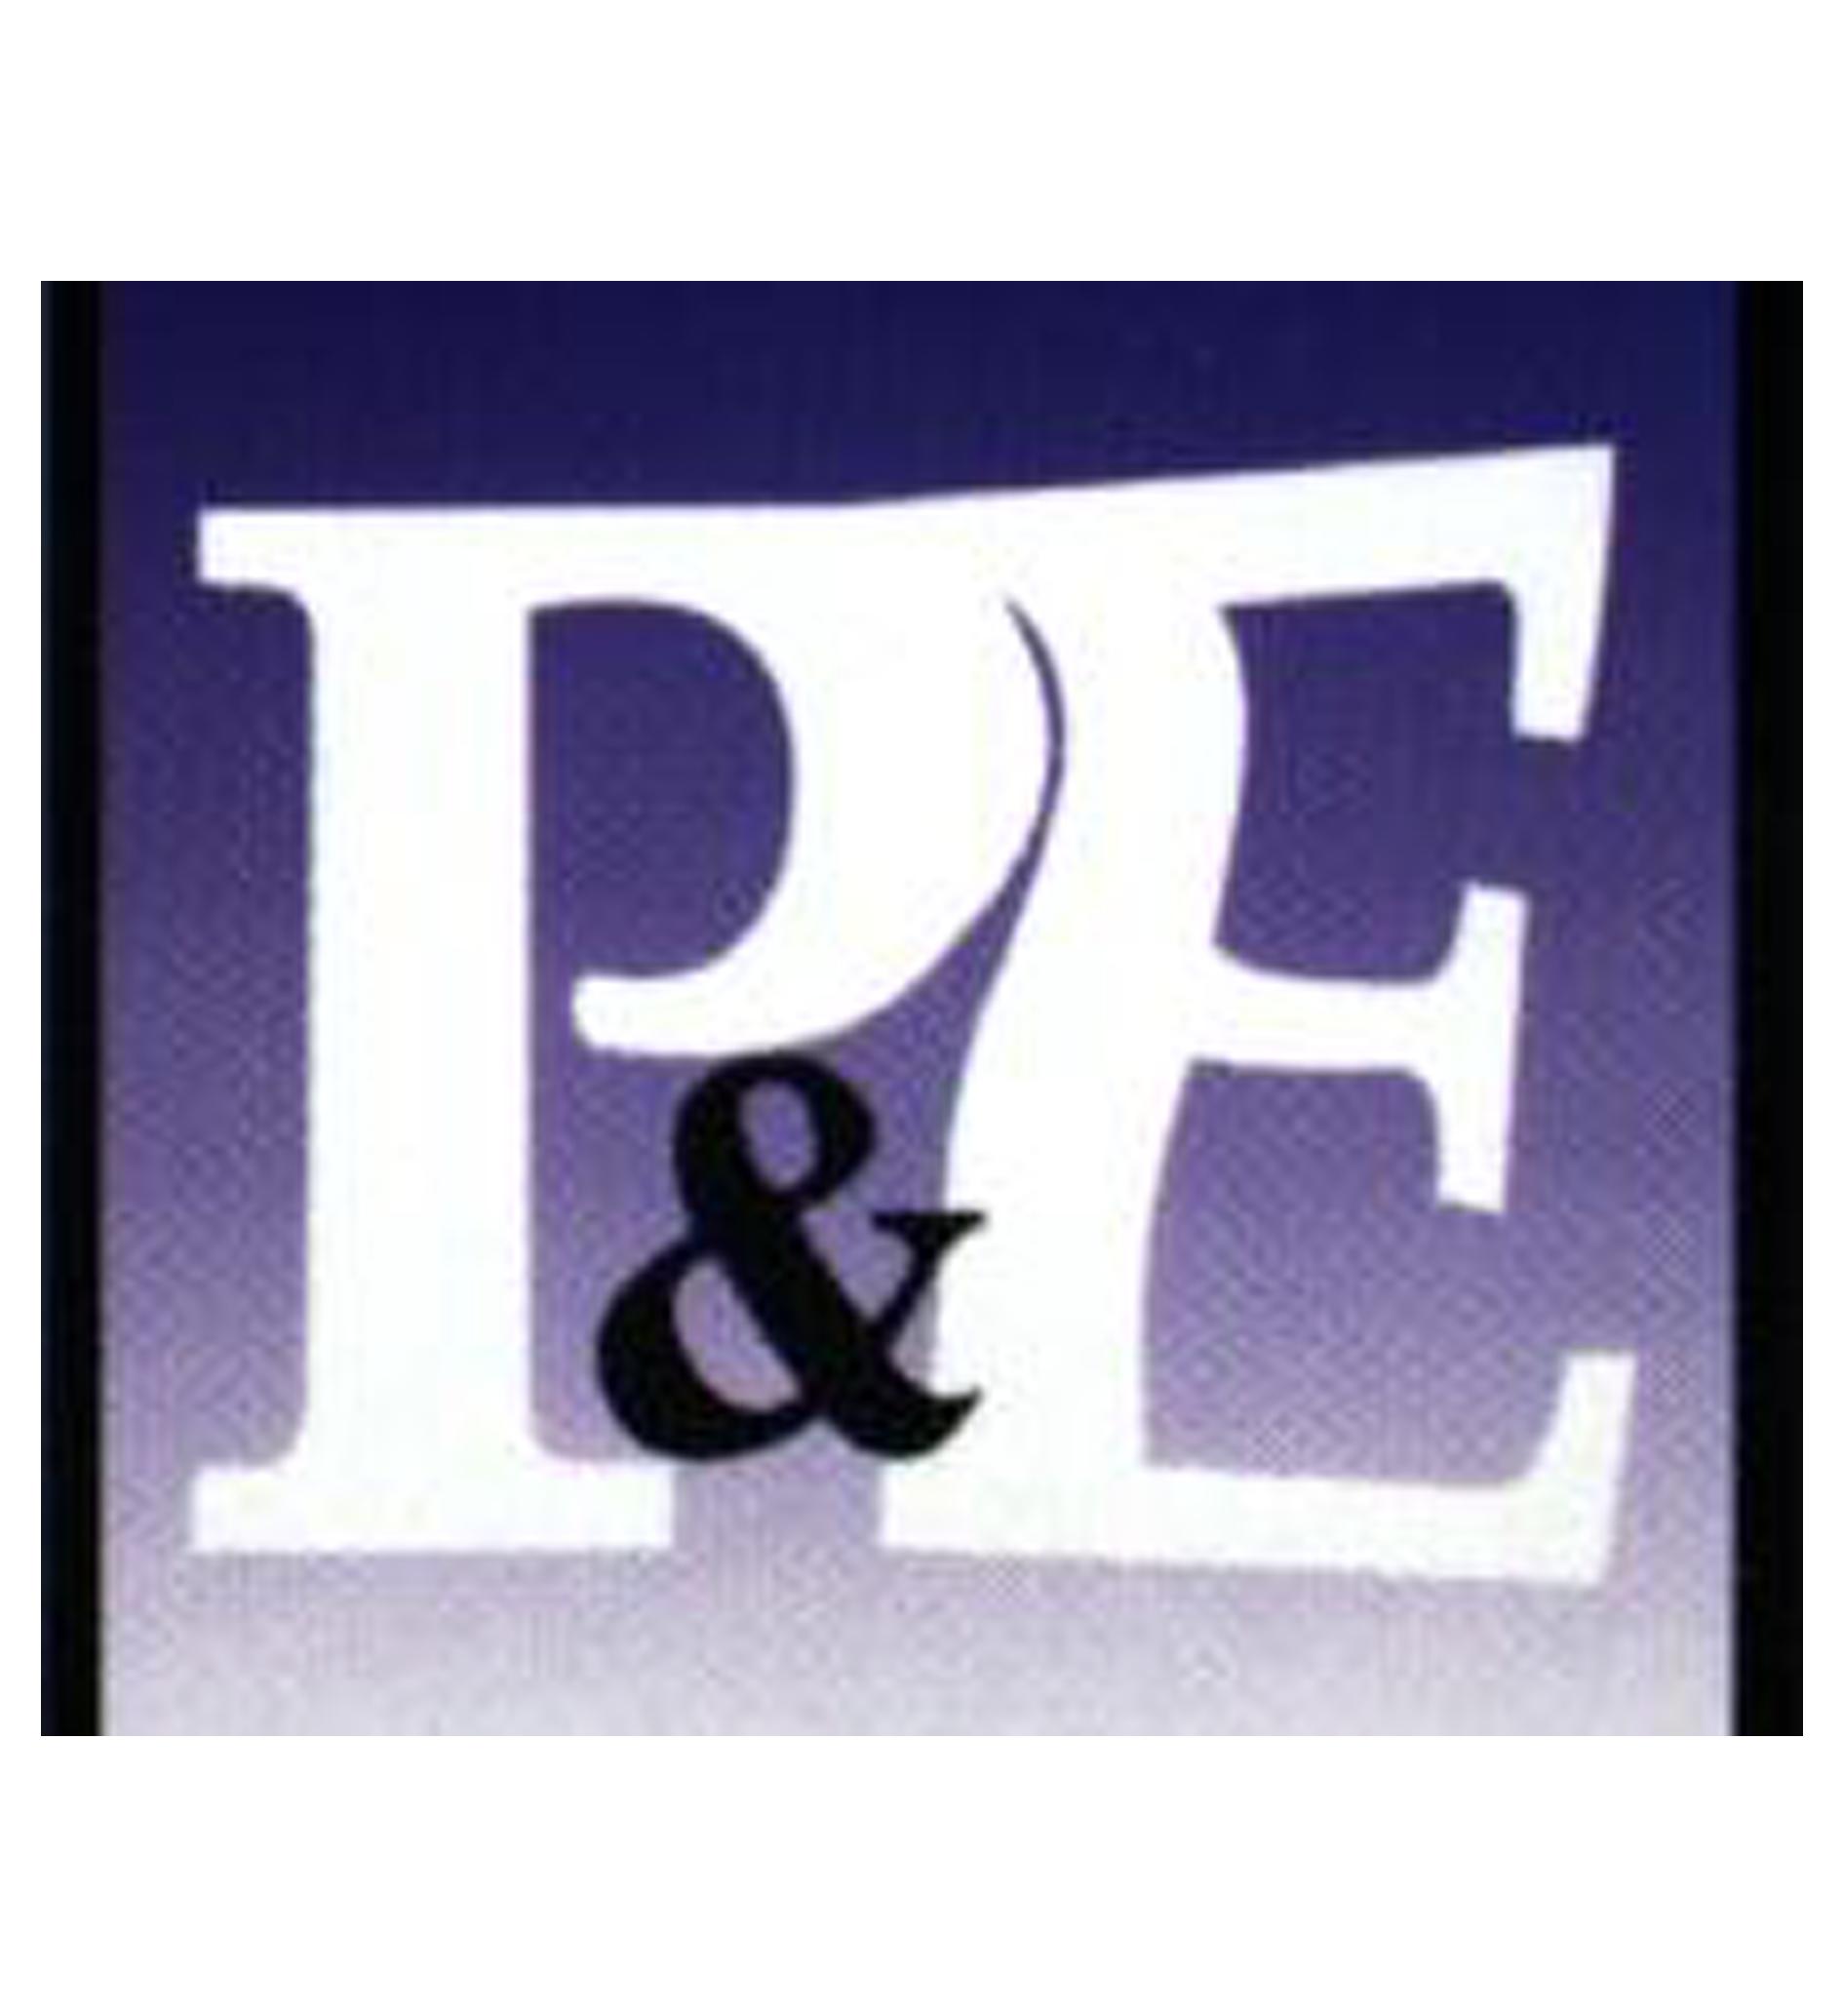 Se dedica a la fabricación y comercialización de recubrimientos decorativos para uso residencial y comercial.